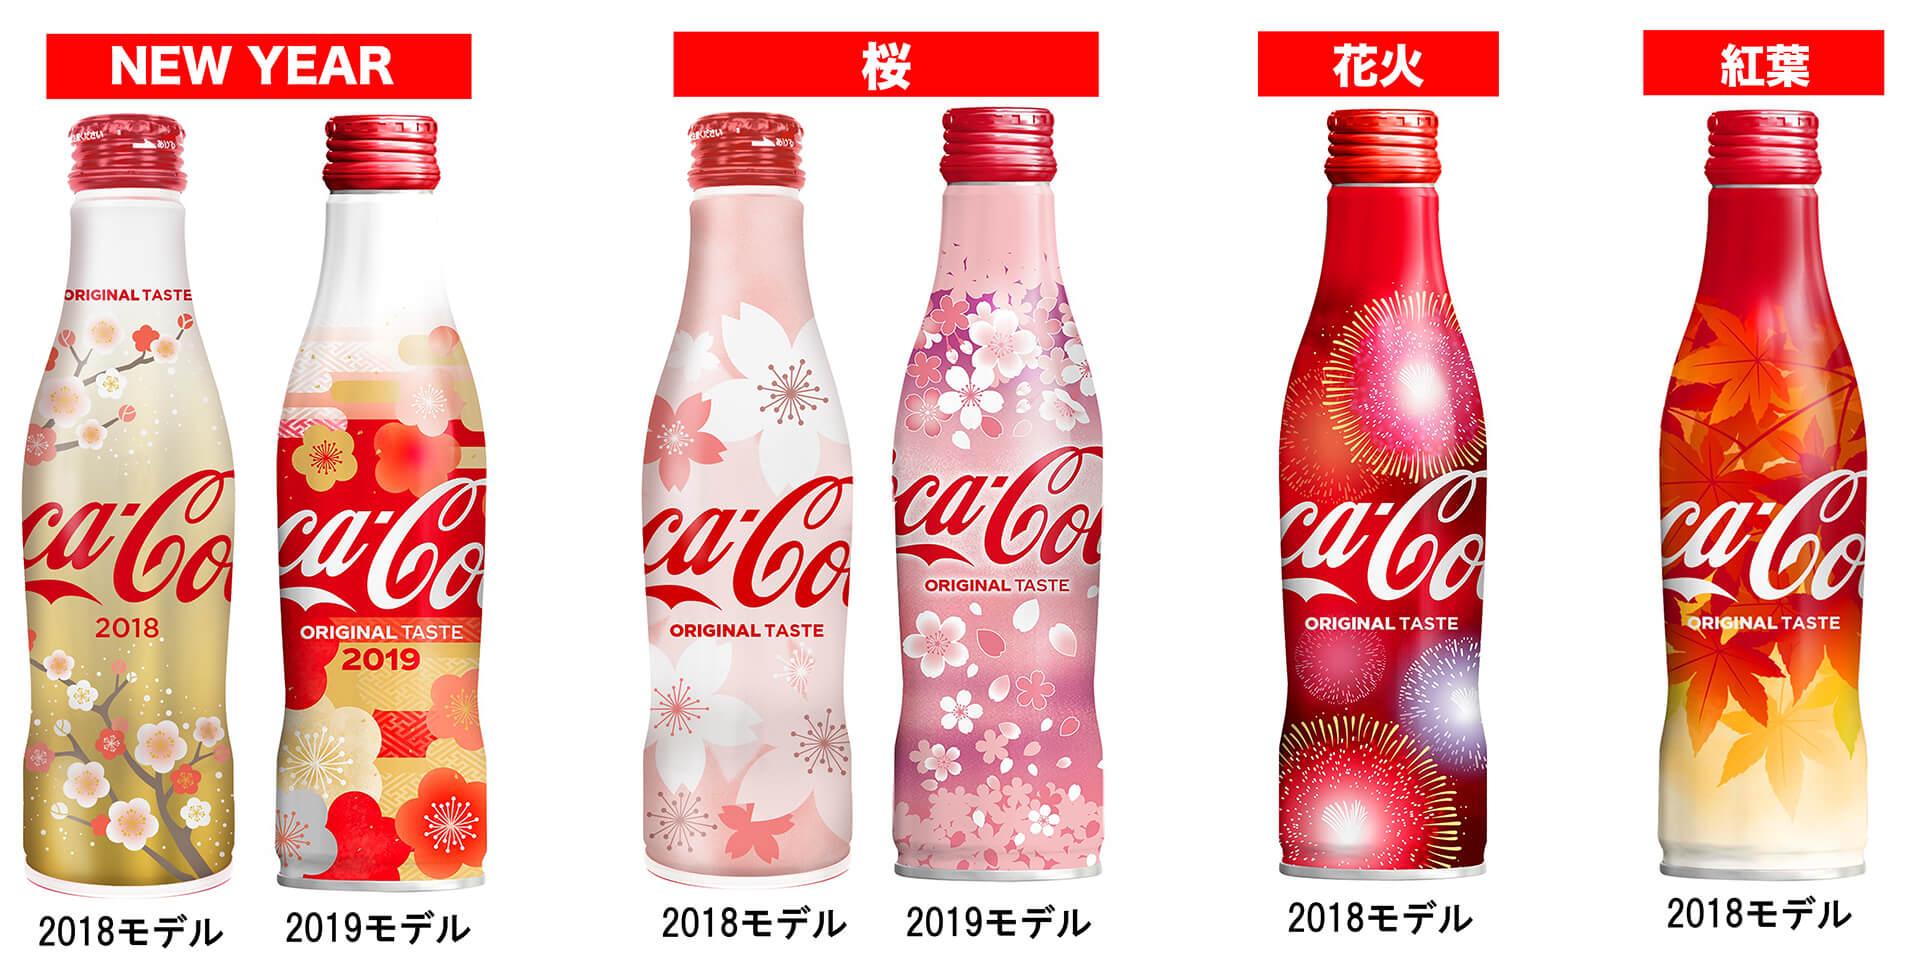 コーラスリムボトル季節ボトル